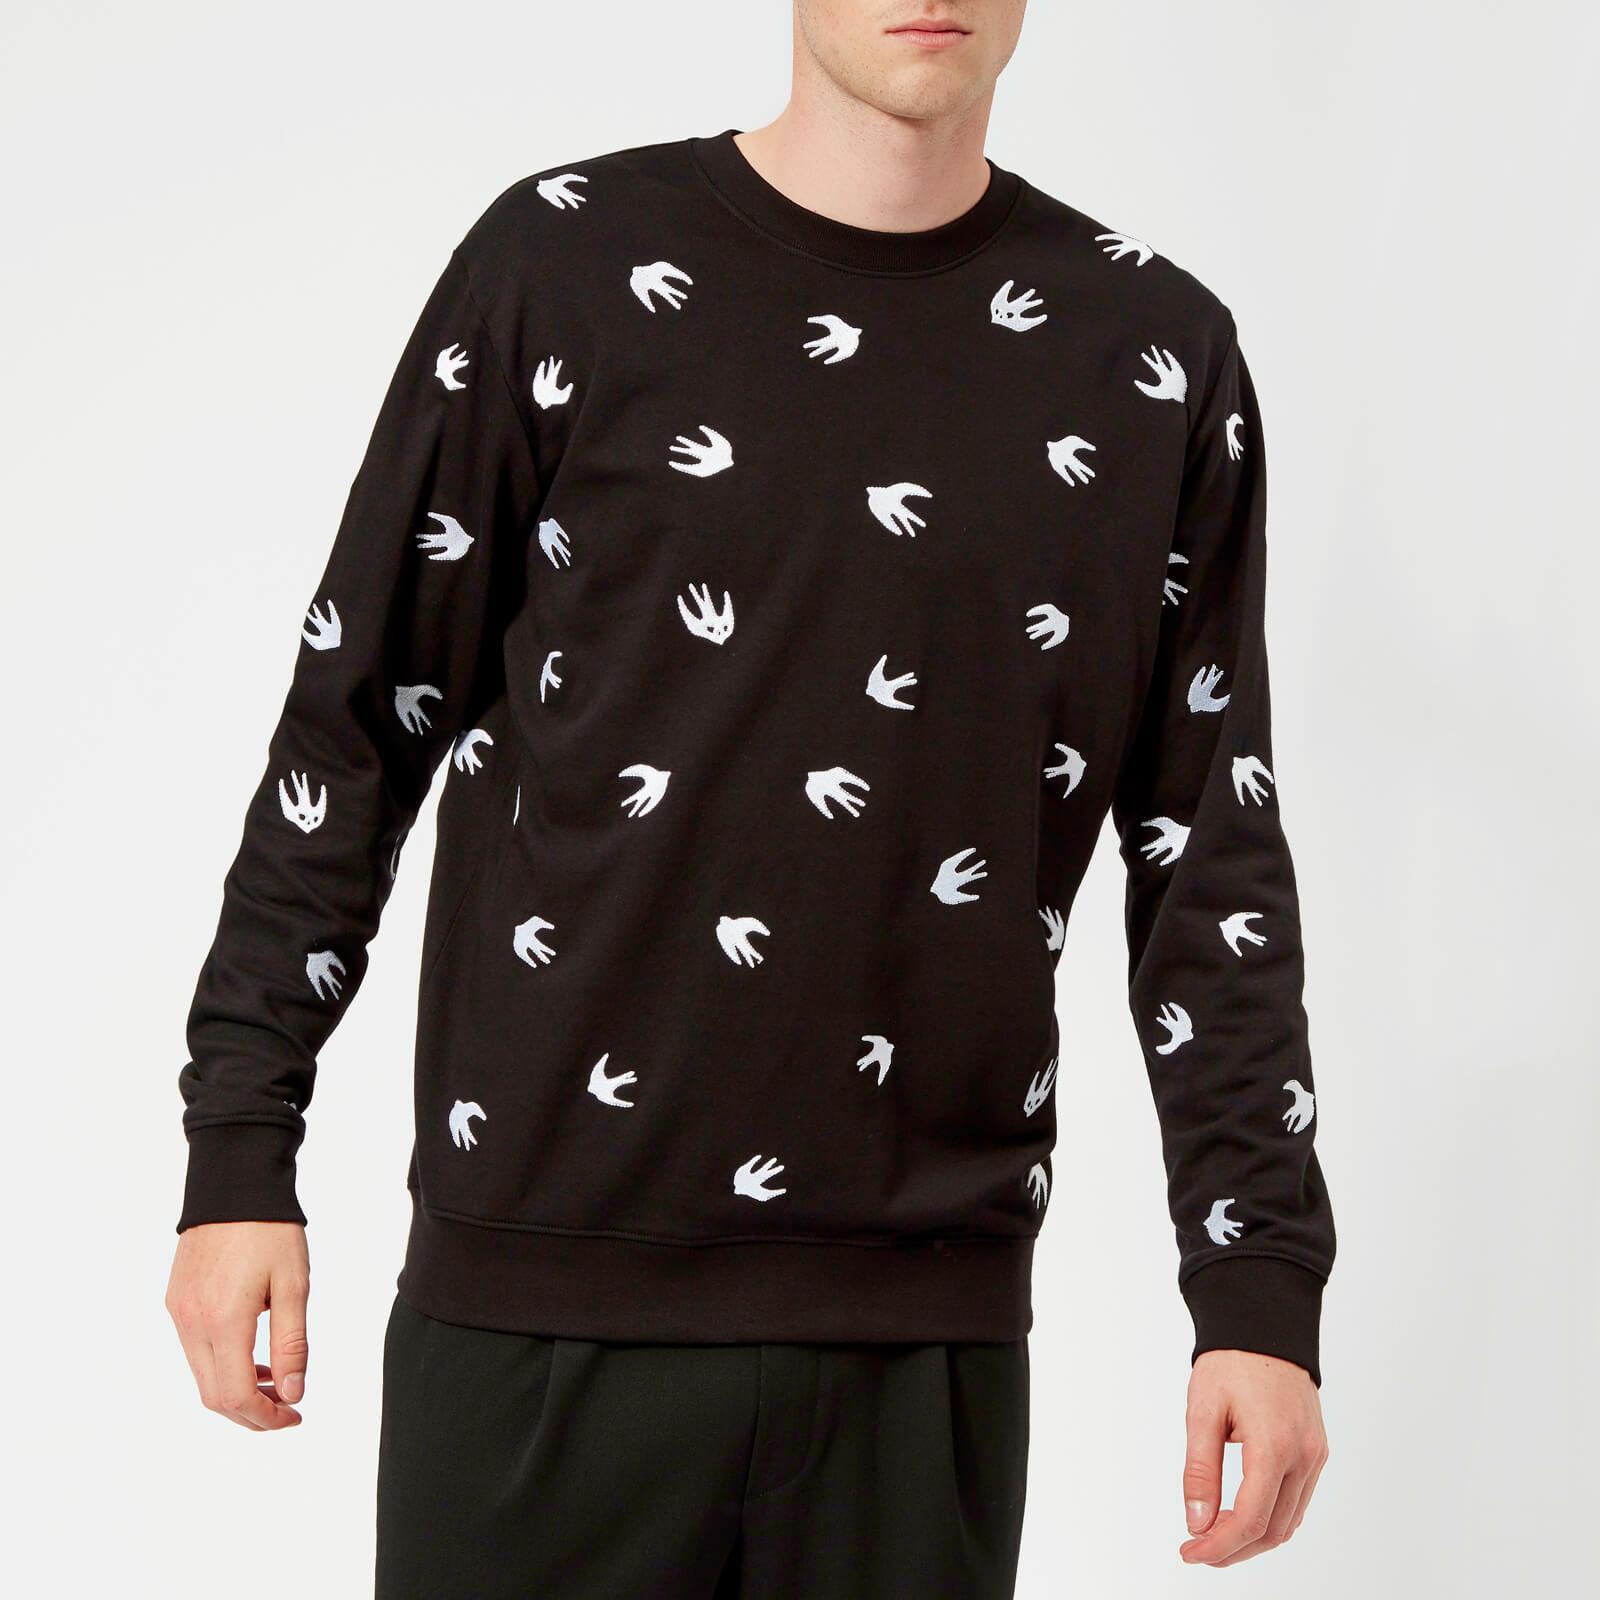 f1310127665 ... McQ Alexander McQueen Men s All Over Swallow Sweatshirt - Darkest Black